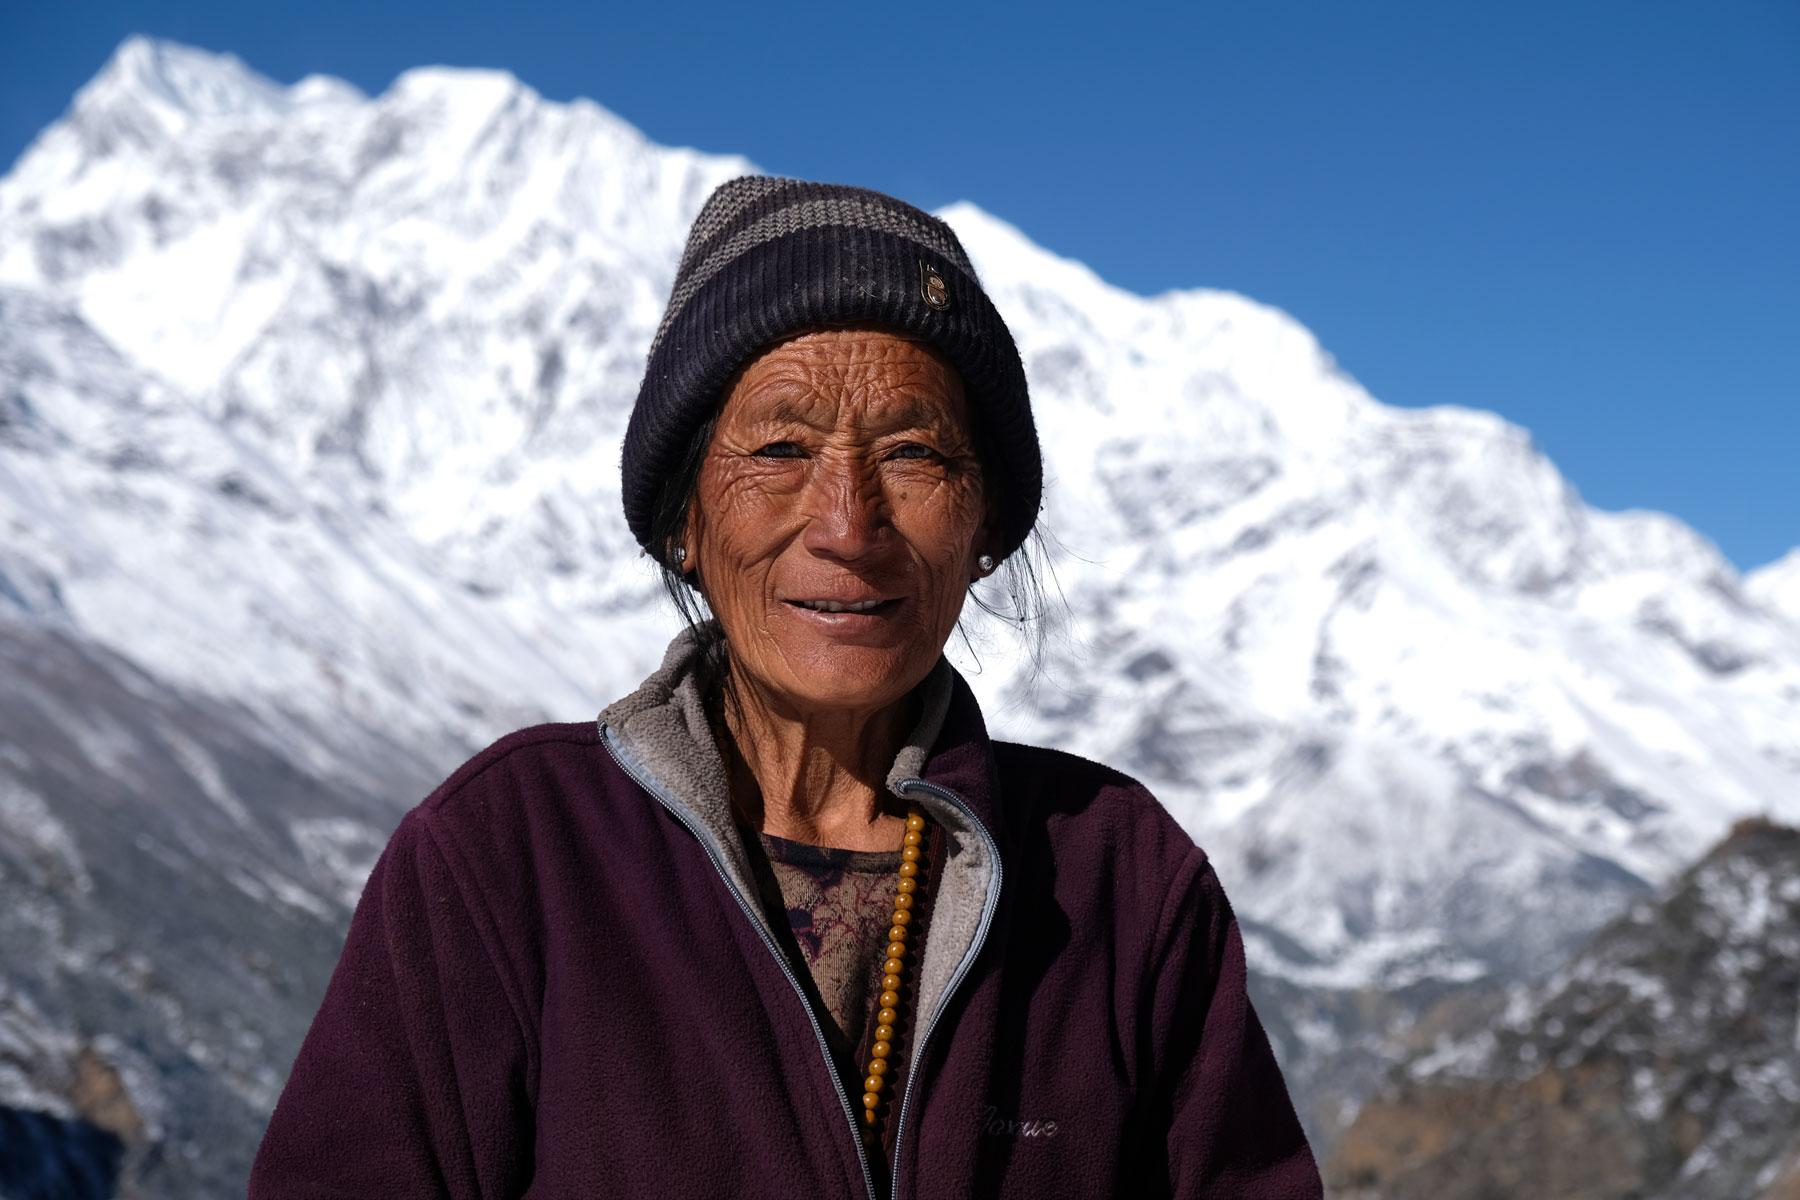 Eine alte nepalesische Frau vor schneebedeckten Bergen.